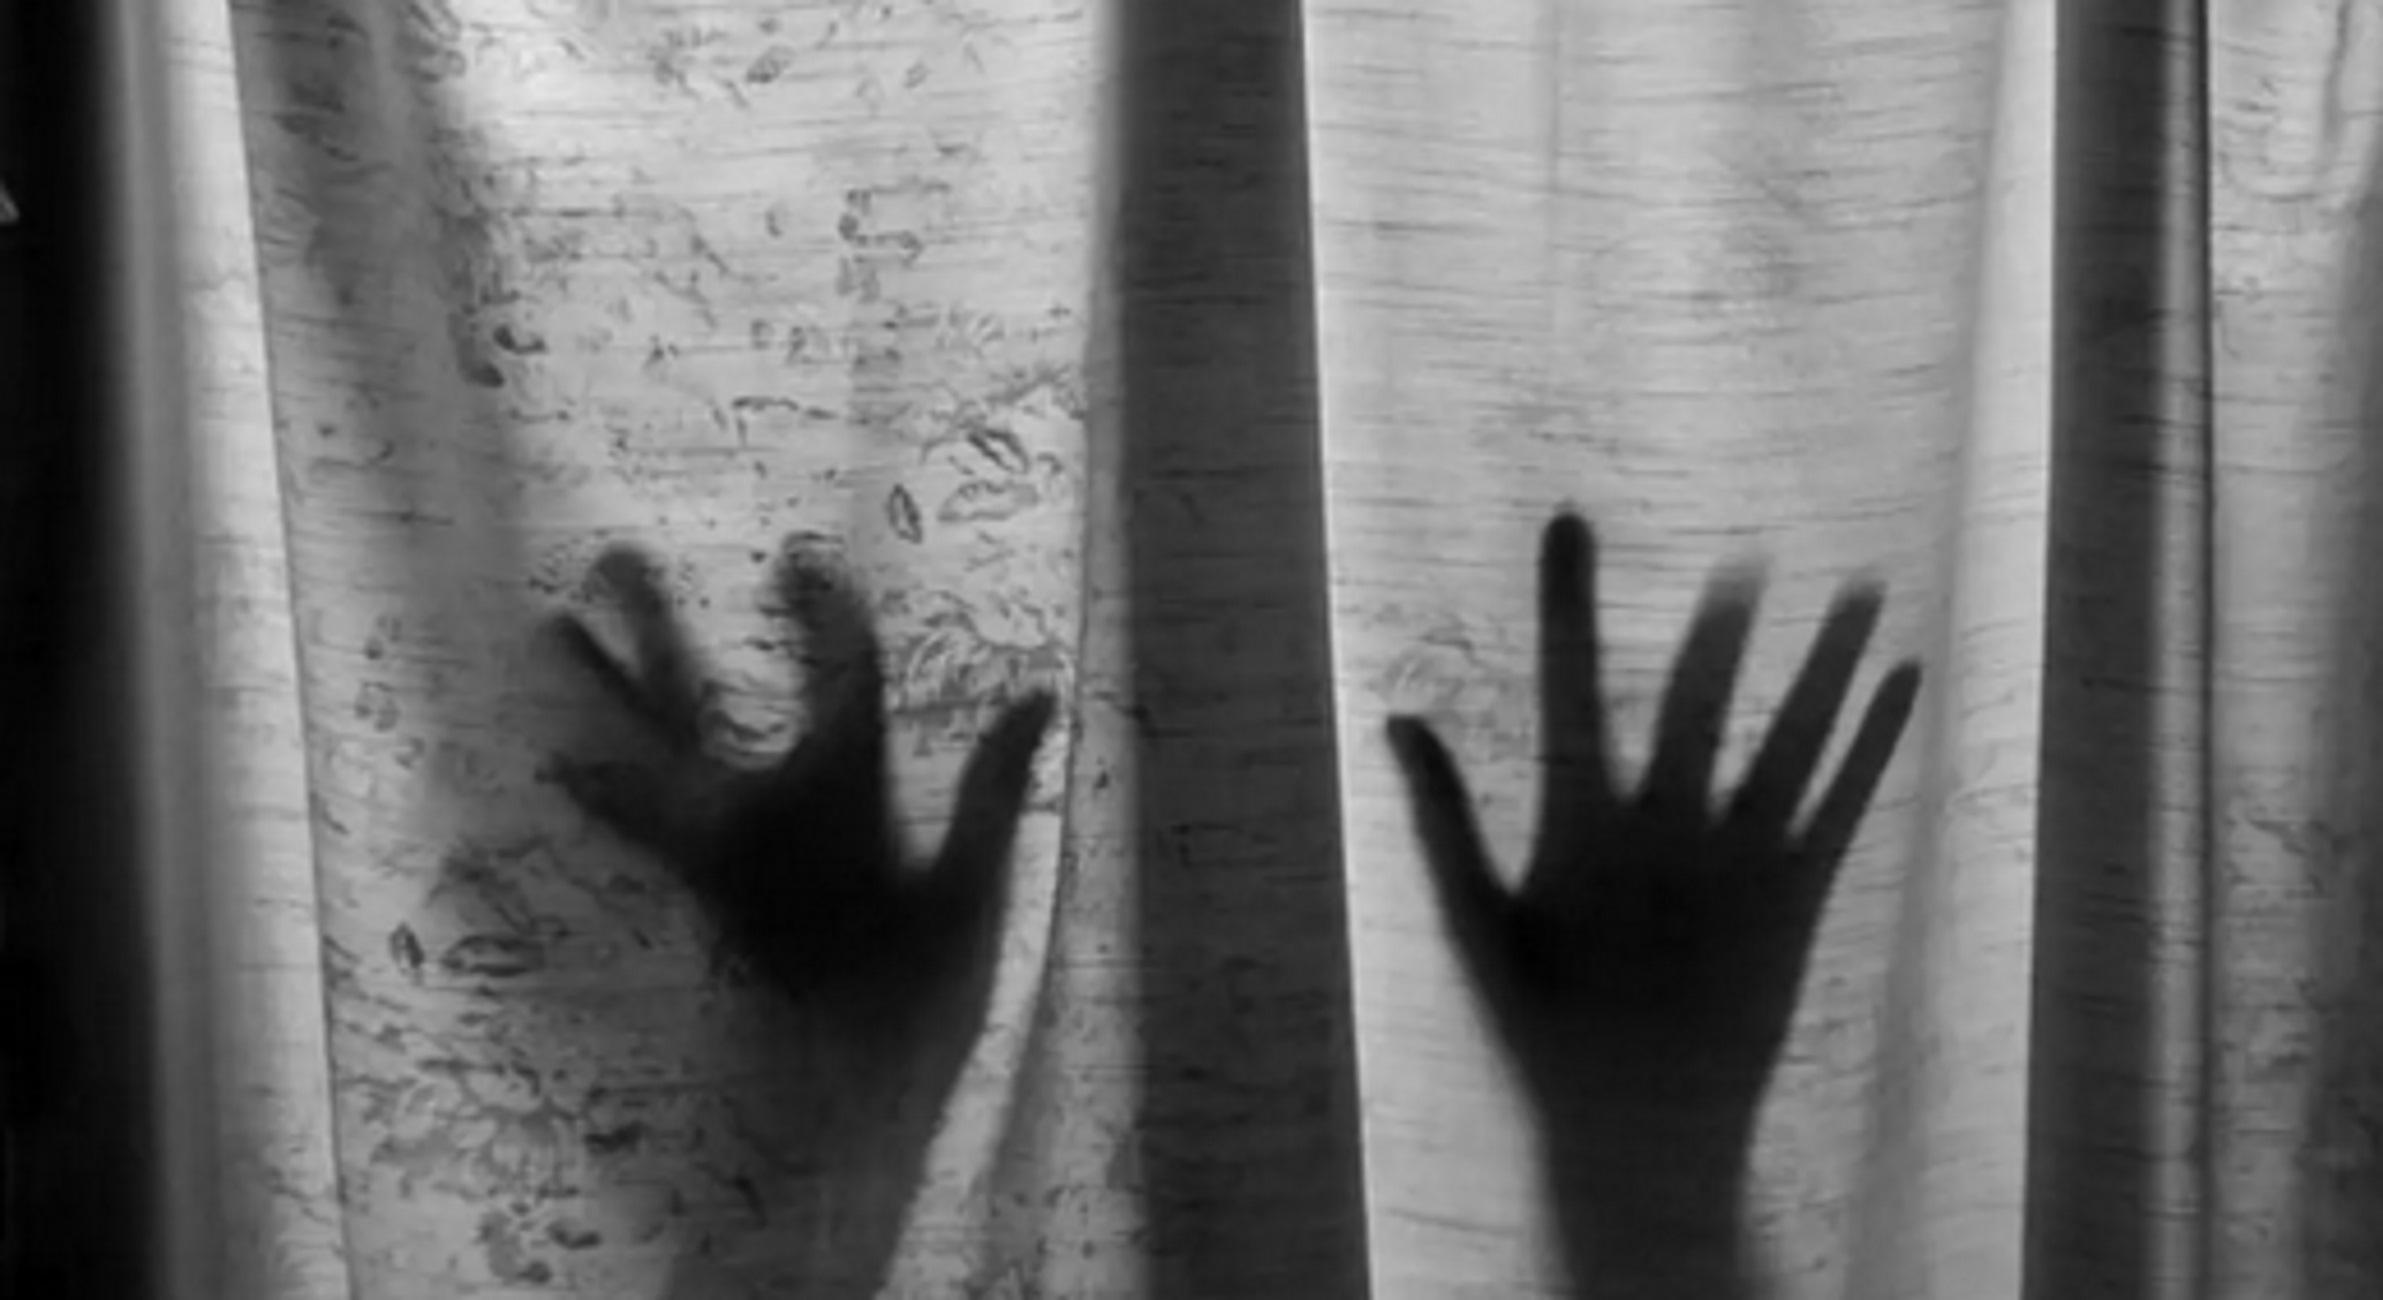 Νέες φρικιστικές αποκαλύψεις: Ψάχνουν τους 4 που έβλεπαν τον 62χρονο καθηγητή να ασελγεί στον ανήλικο μαθητή του!